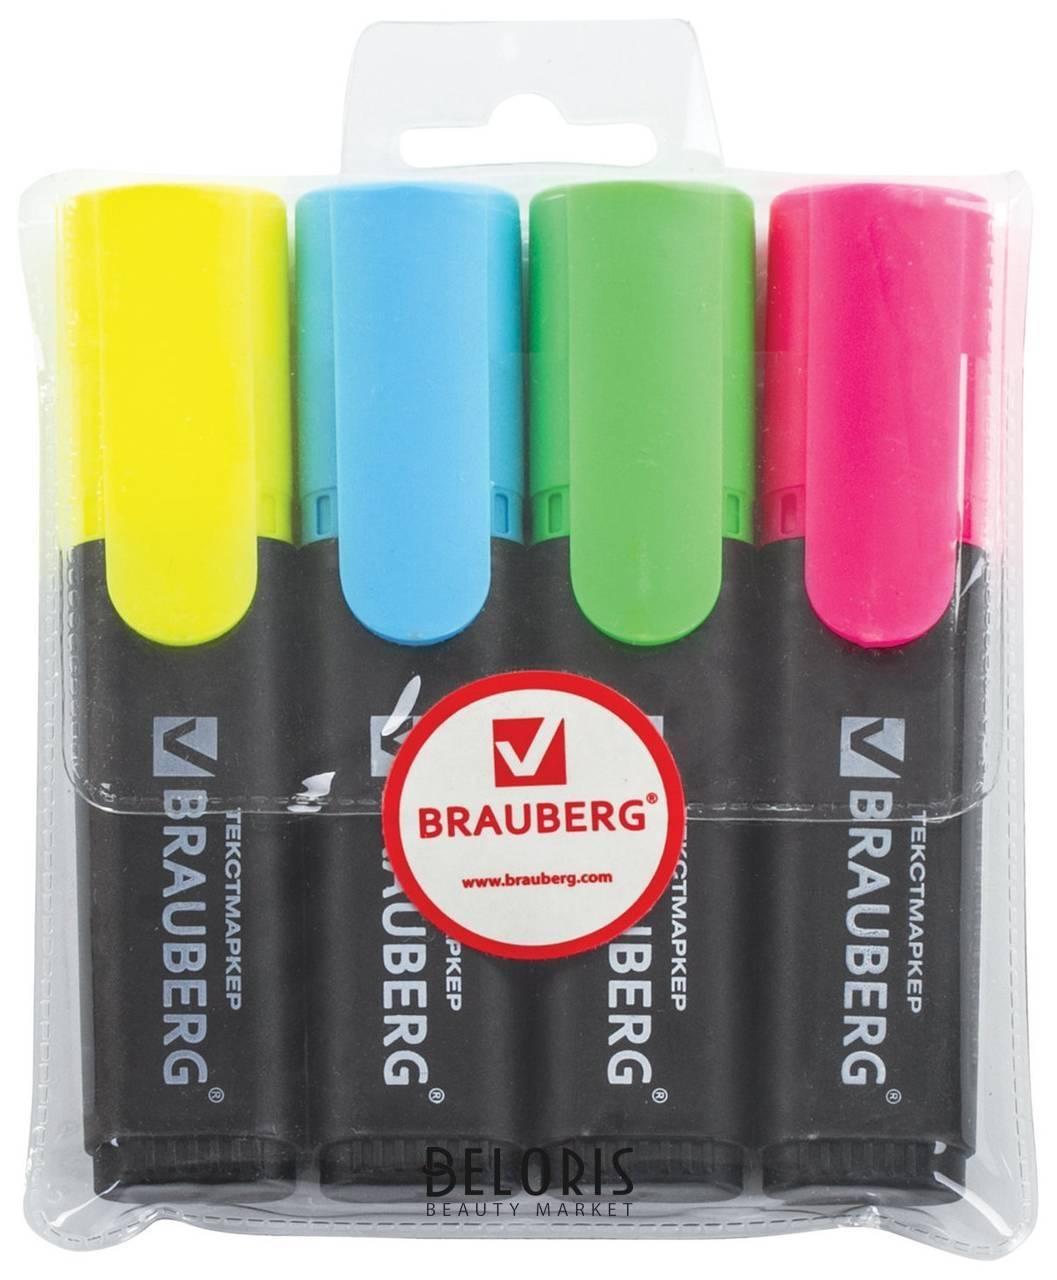 Набор текстовыделителей Contract, 4 цвета Brauberg